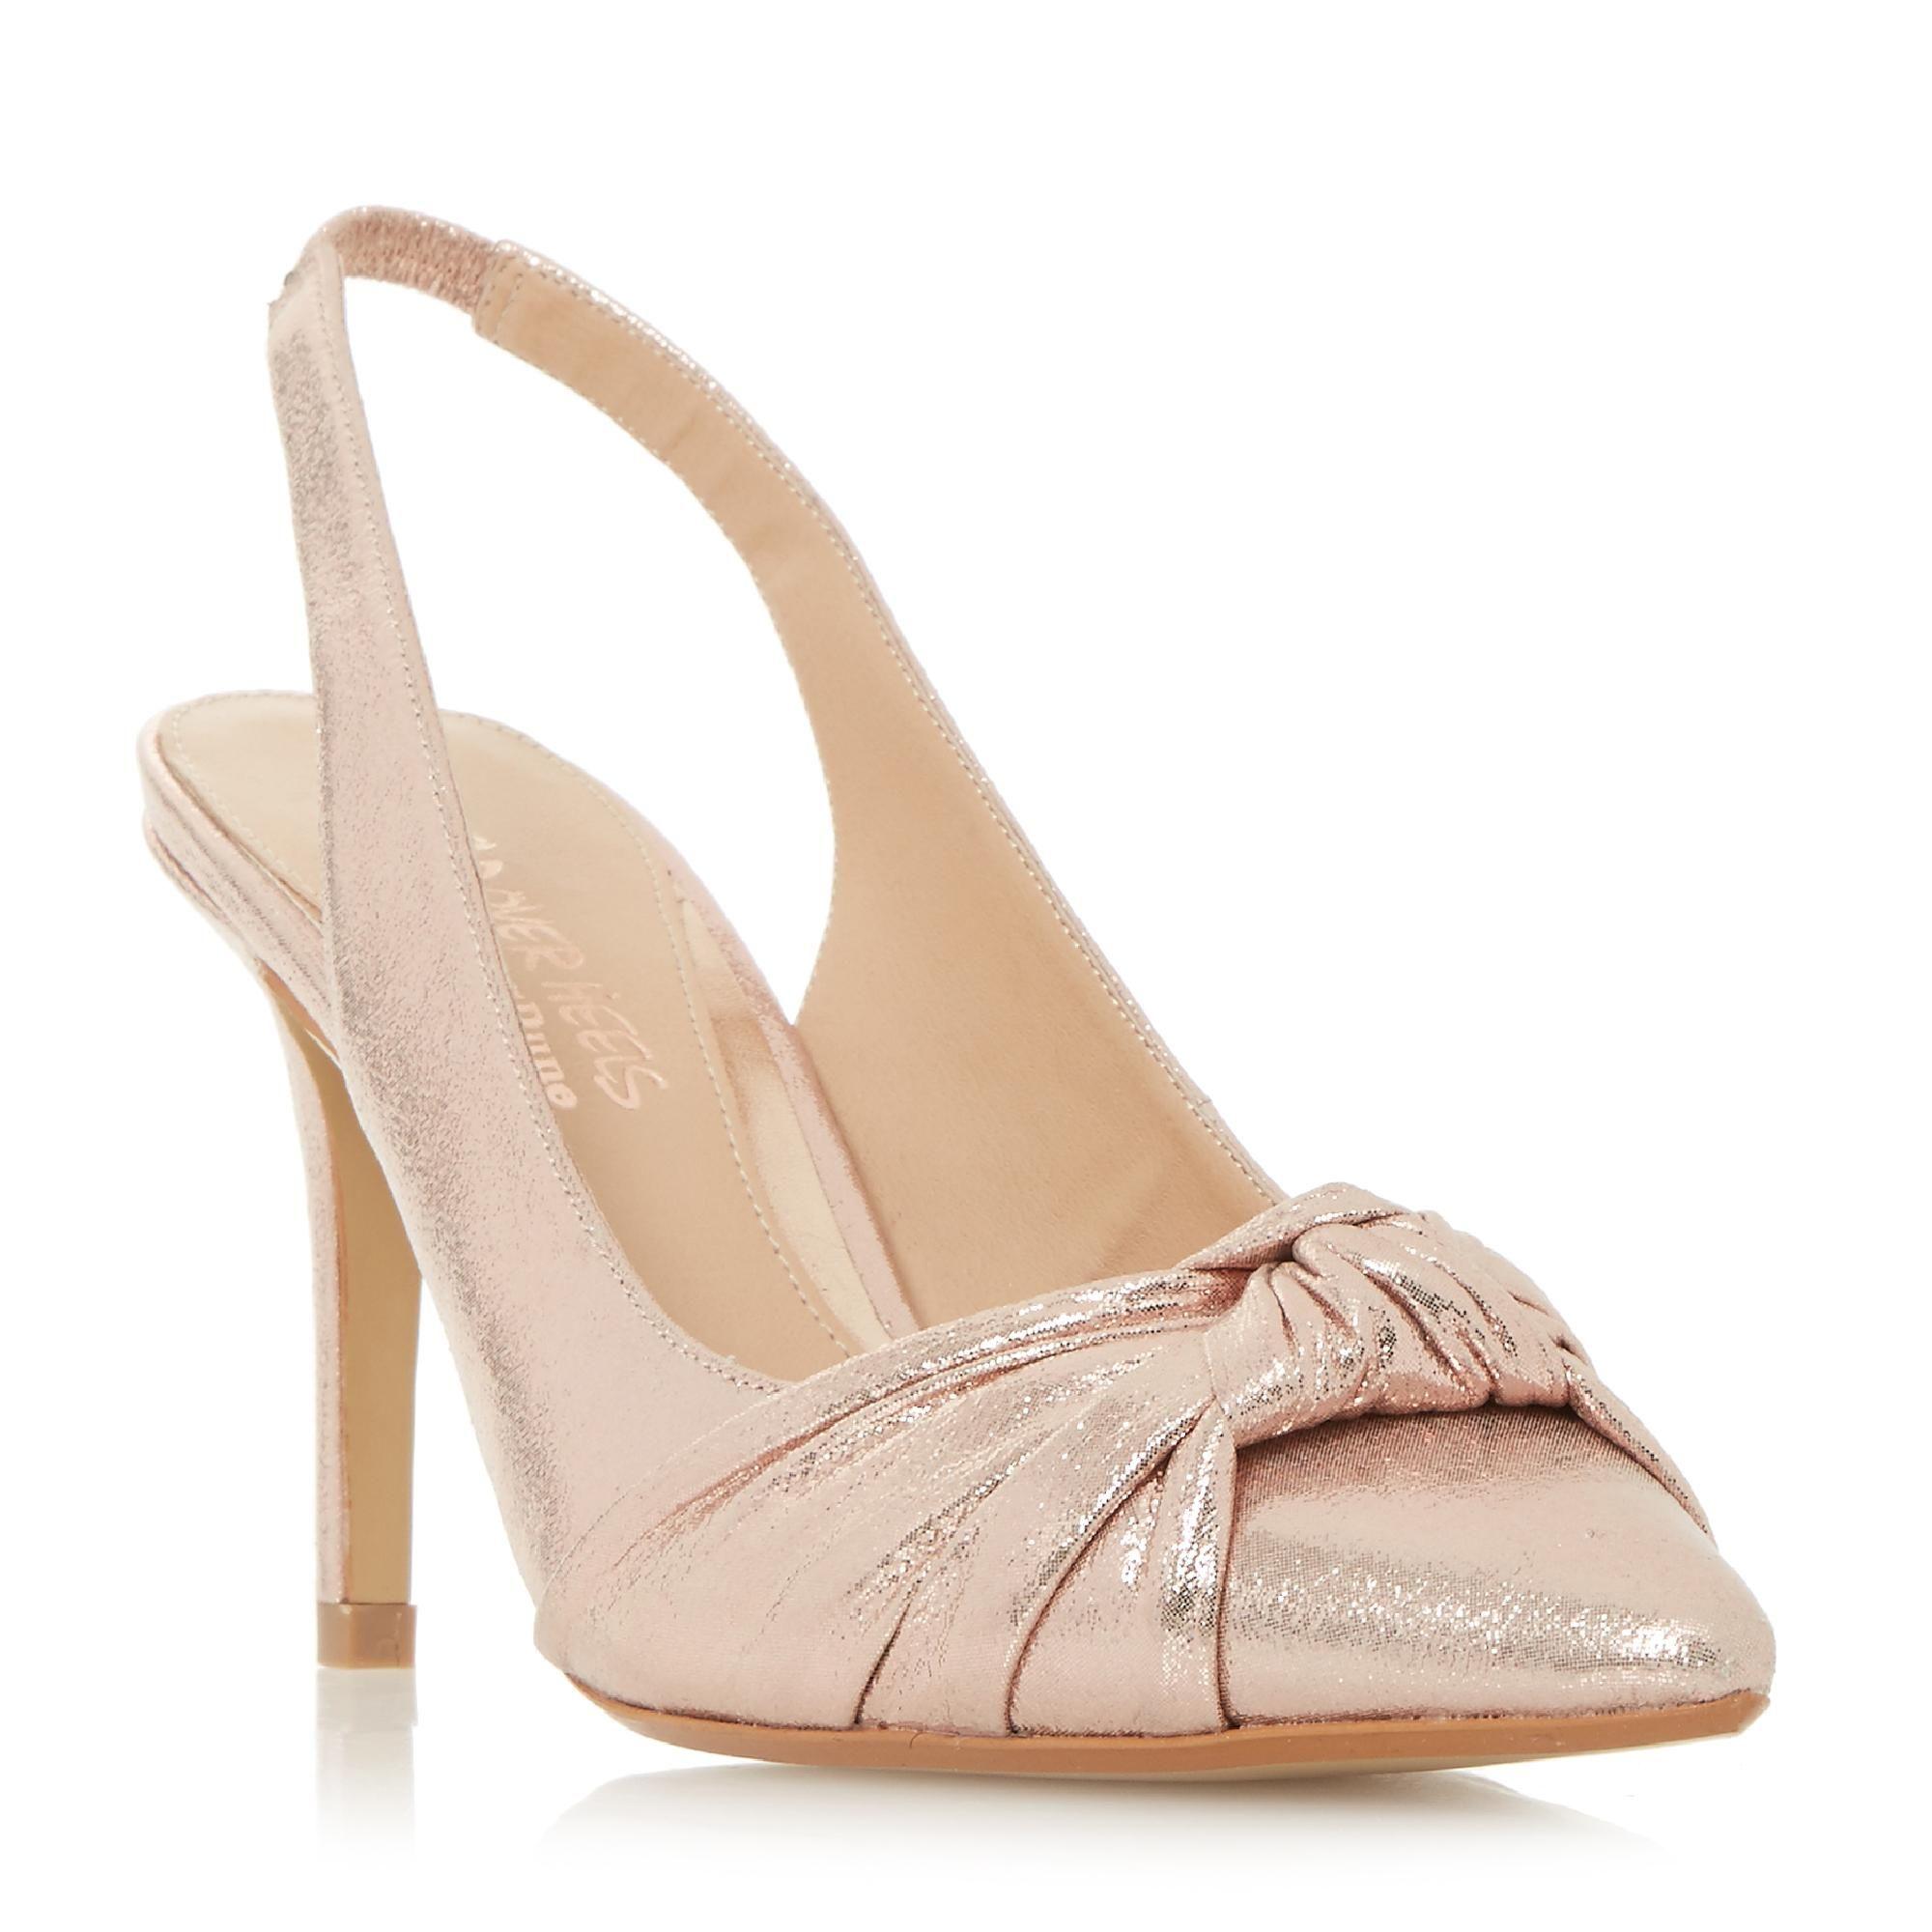 AdeeSu - Plataforma mujer  Zapatos de punta abierta formales Head Over Heels para mujer Gabor62.700.31 - Pantuflas Mujer   talla 1 UK Pitillos Zapato BAJO BORLAS Mujer Negro Burdeos 40 meseta V-enredadera-662 Chukkas zapato unisex con detalle trenzado de gamuza vegan negro - (UE 38 = US 6) - Demonia 5jXdwAvU